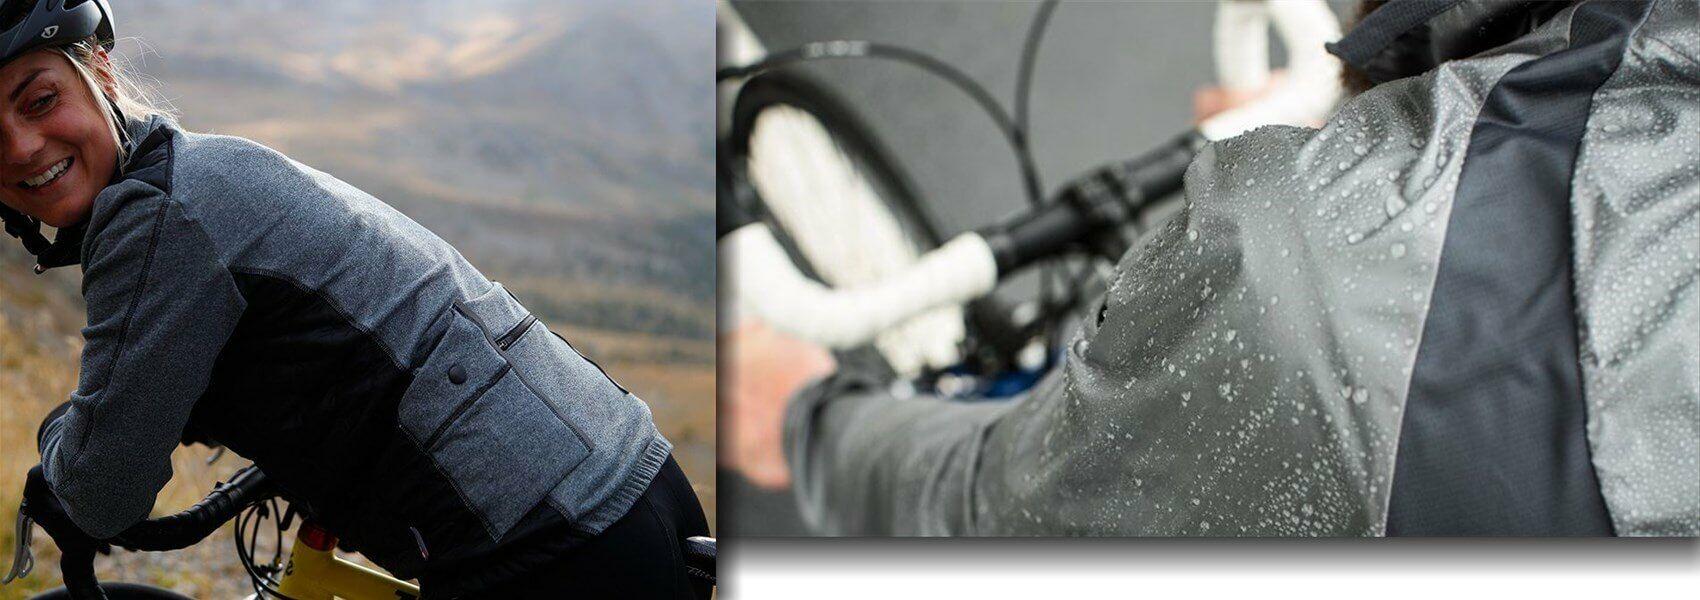 1k_hogyan öltözködj kerékpározáshoz szélben hűvös időjárásban